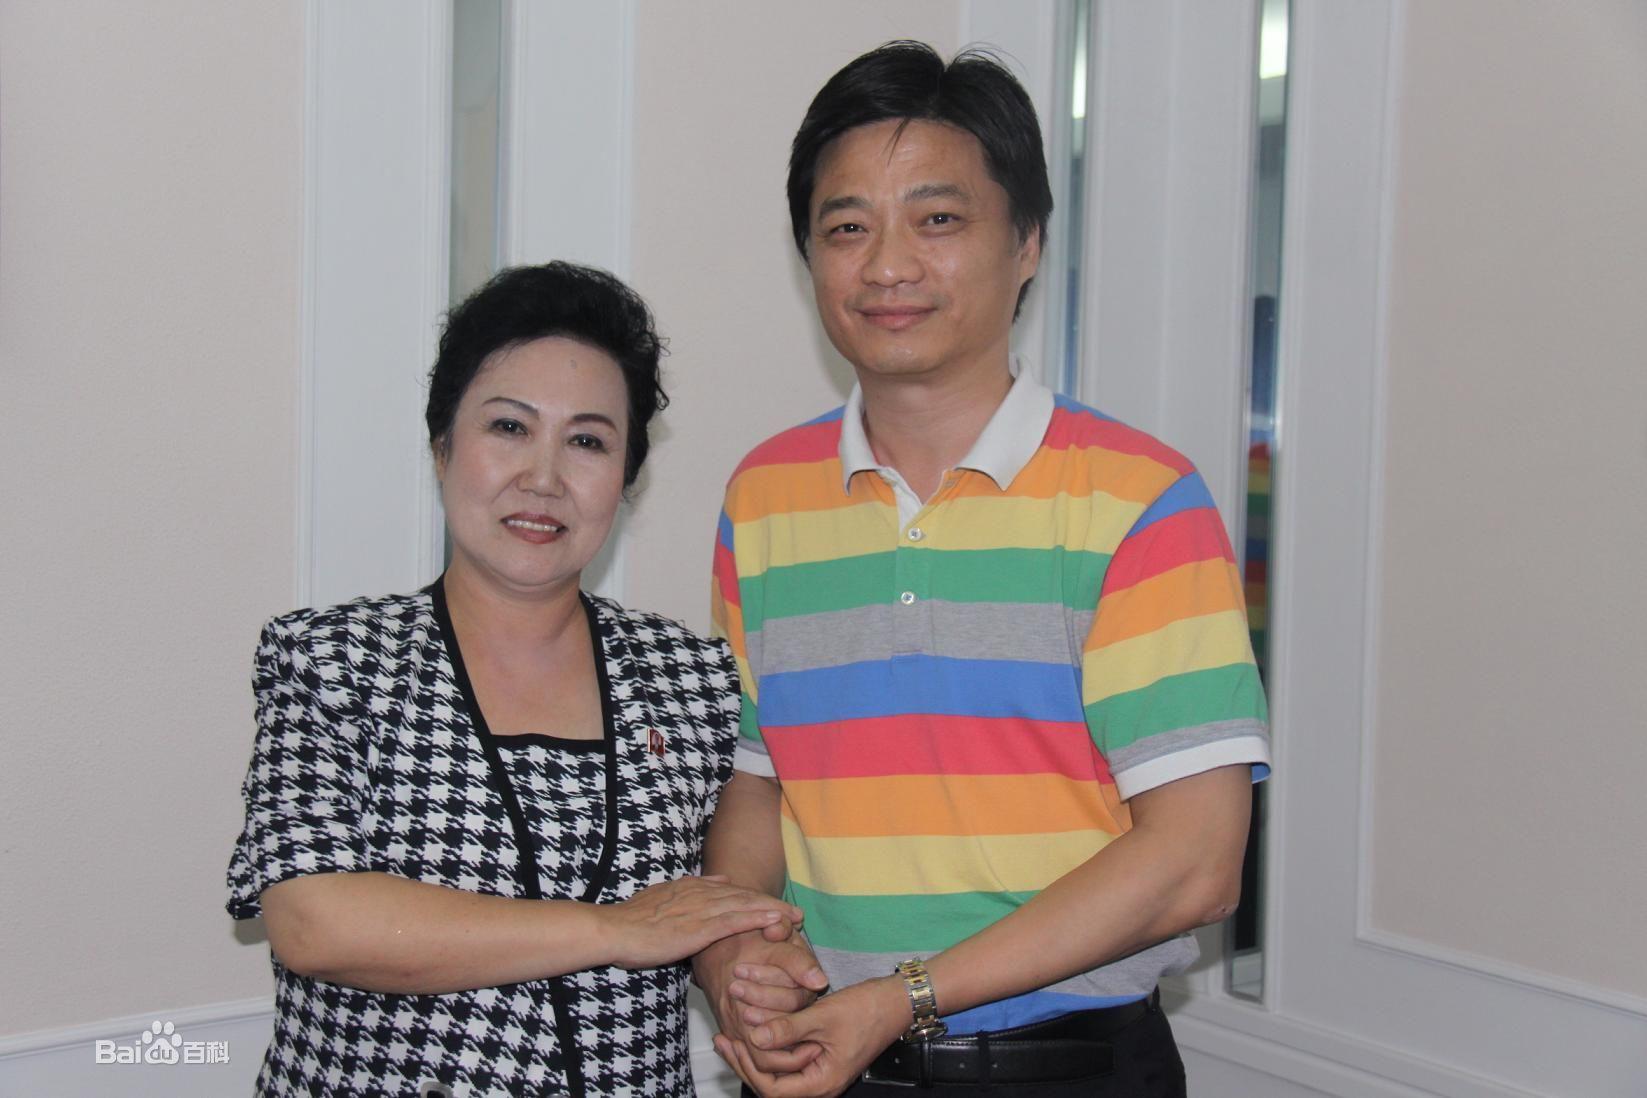 崔永元的老婆照片,崔永元的妻子是谁 崔永元的工资是多少